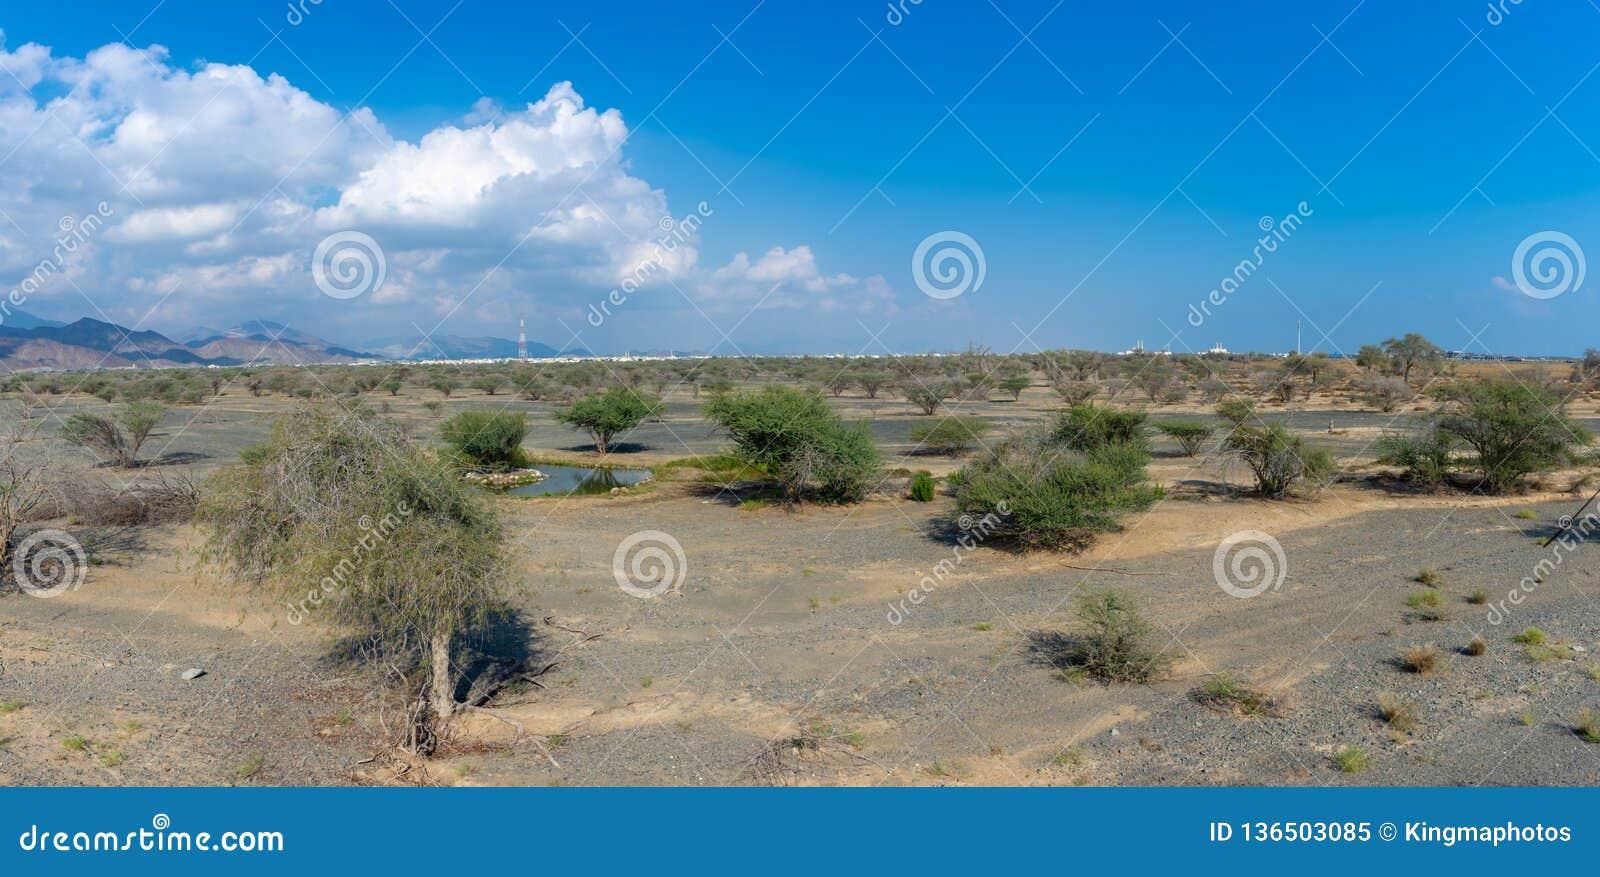 Panorama des montagnes avec quelques arbres dans le désert rocheux de la partie nord des Emirats Arabes Unis